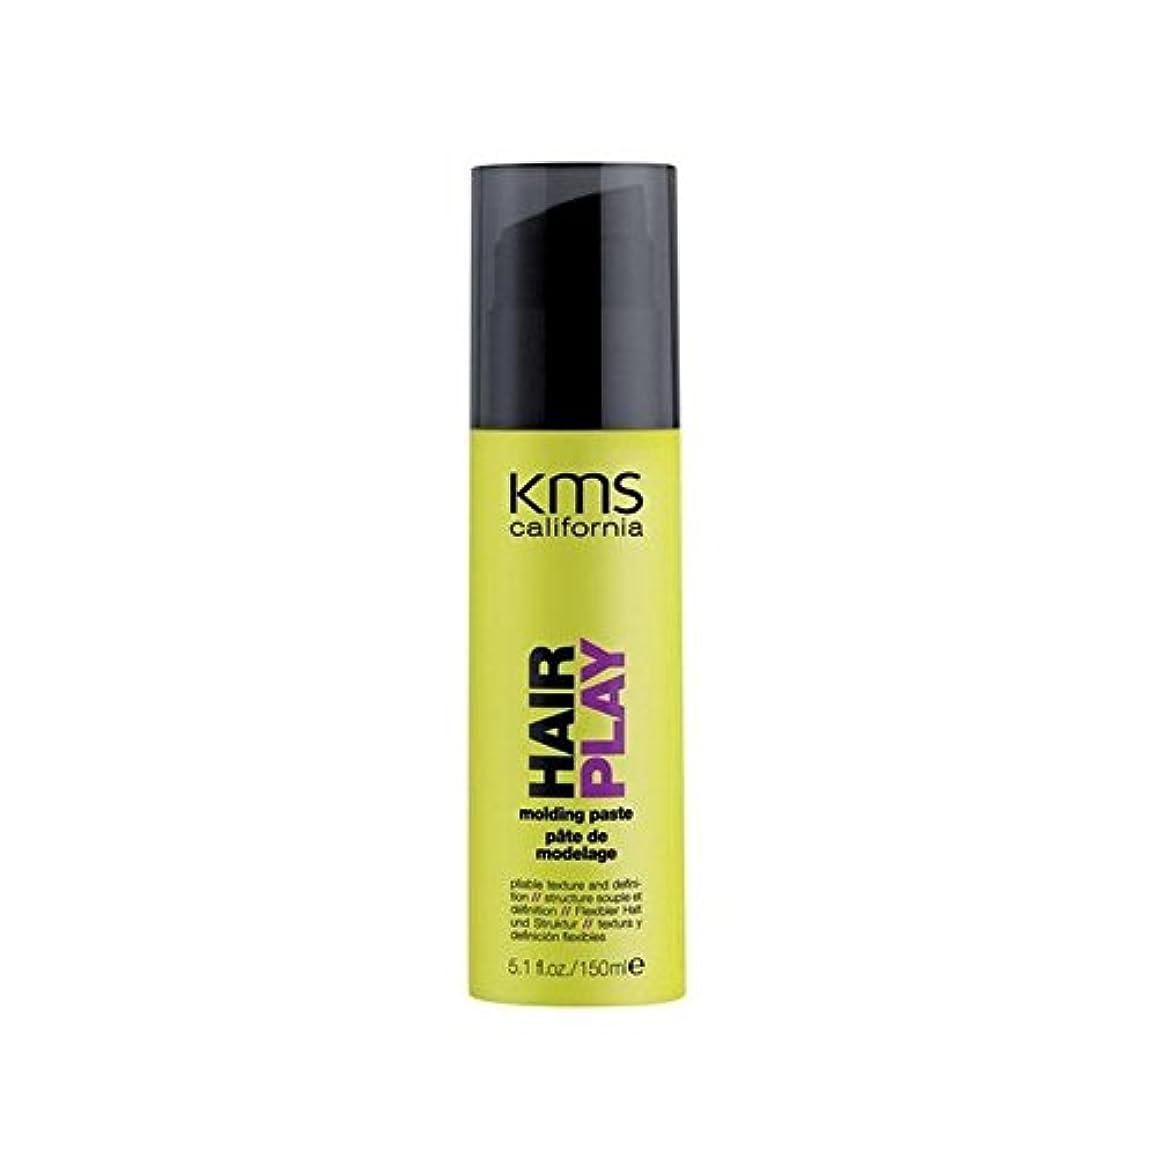 好奇心盛止まる浮浪者カリフォルニア成形ペースト(150ミリリットル) x2 - Kms California Hairplay Molding Paste (150ml) (Pack of 2) [並行輸入品]